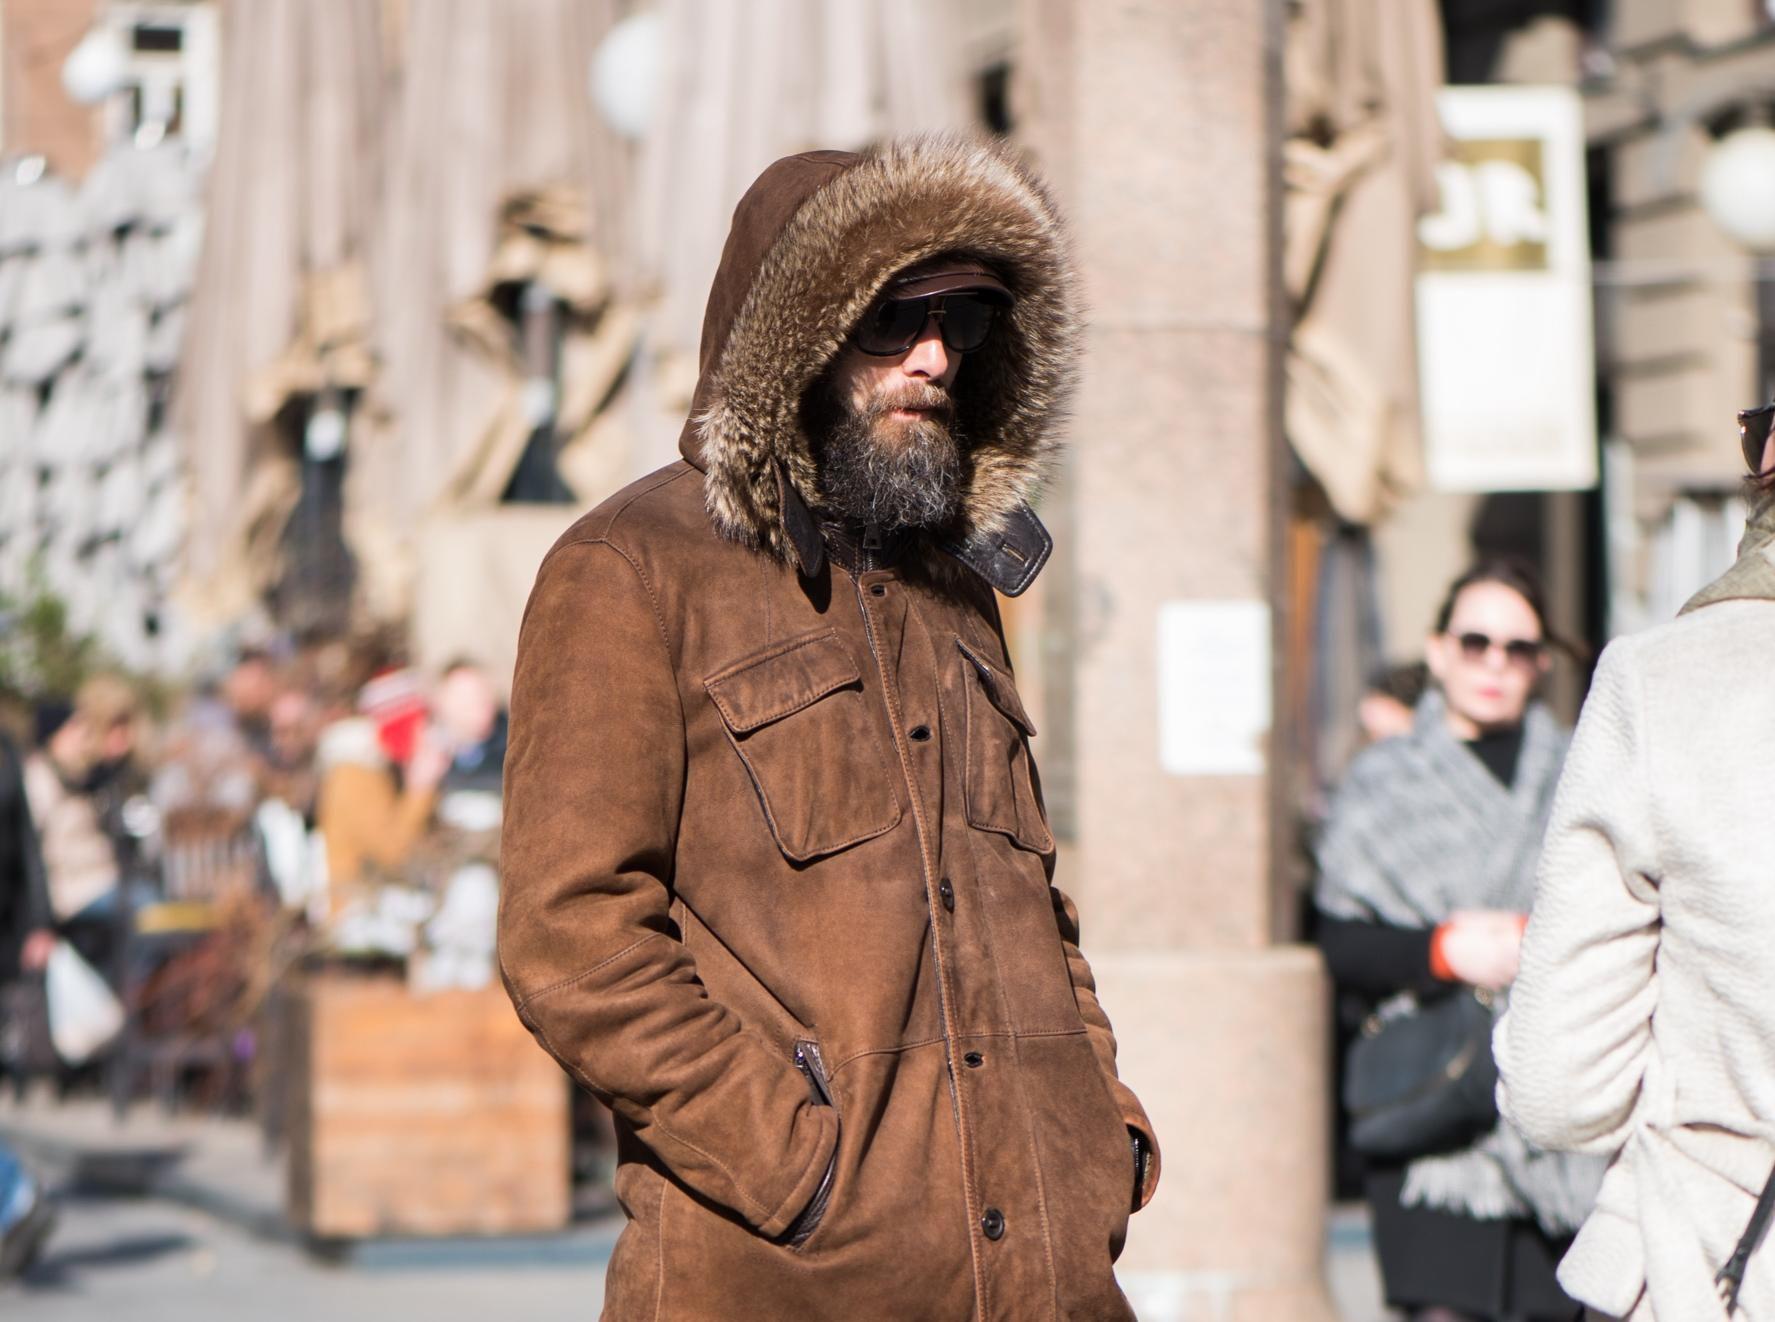 Od jakne, preko tregera do visokih čizama, ovaj frajer baš je cool!